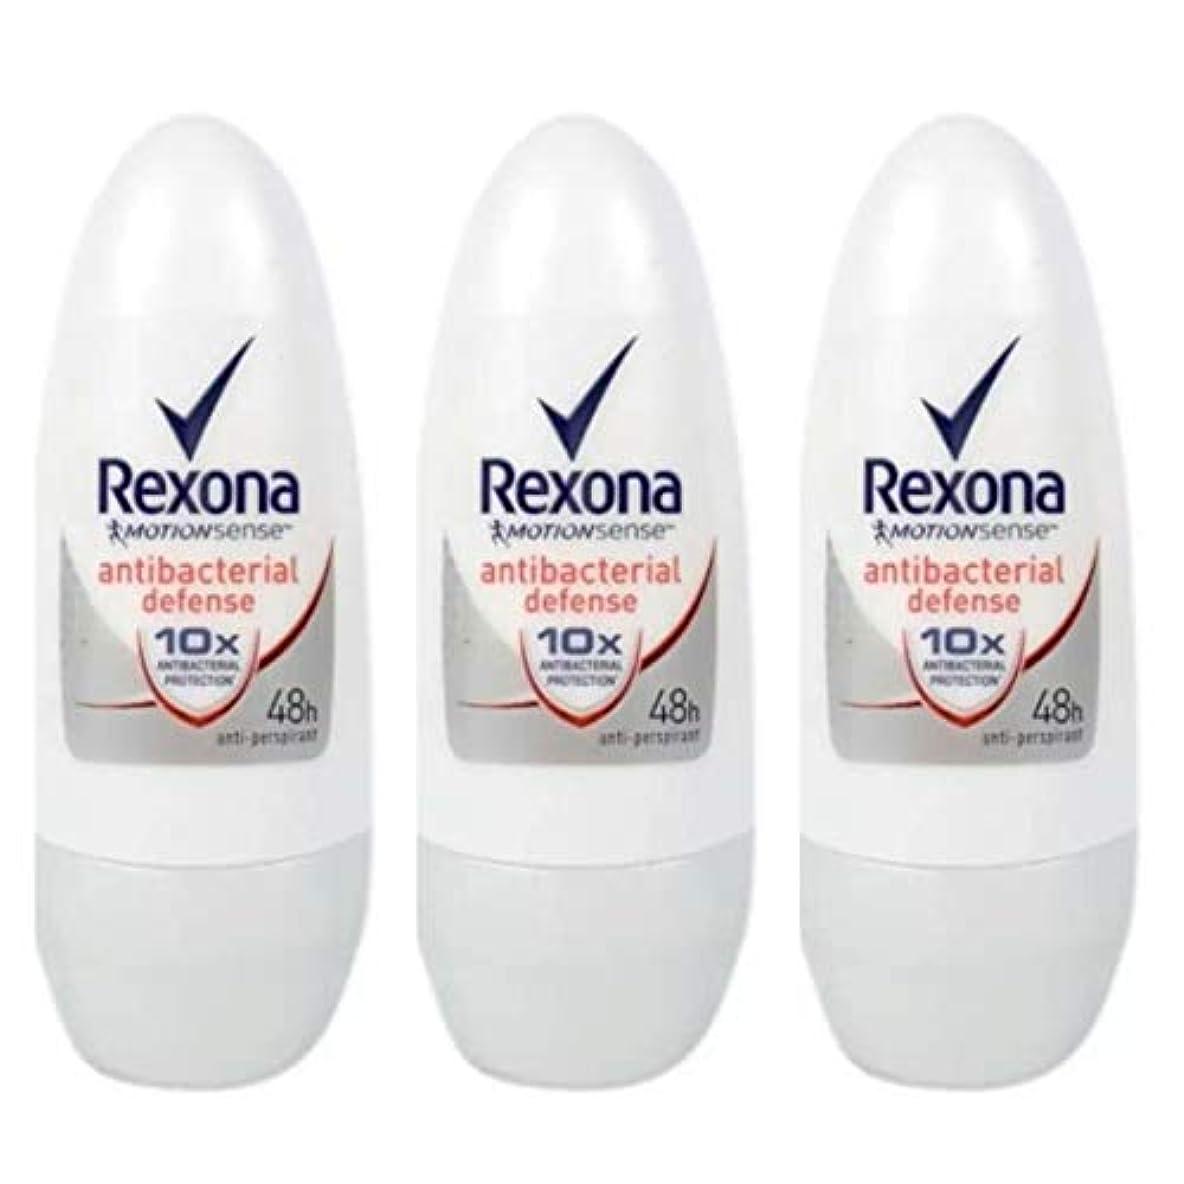 力学者鳴り響くRexona レクソナ 制汗 デオドラント ロールオン antibacterial defense アンチバクテリアル ディフェンス50ml 3個 [並行輸入品]